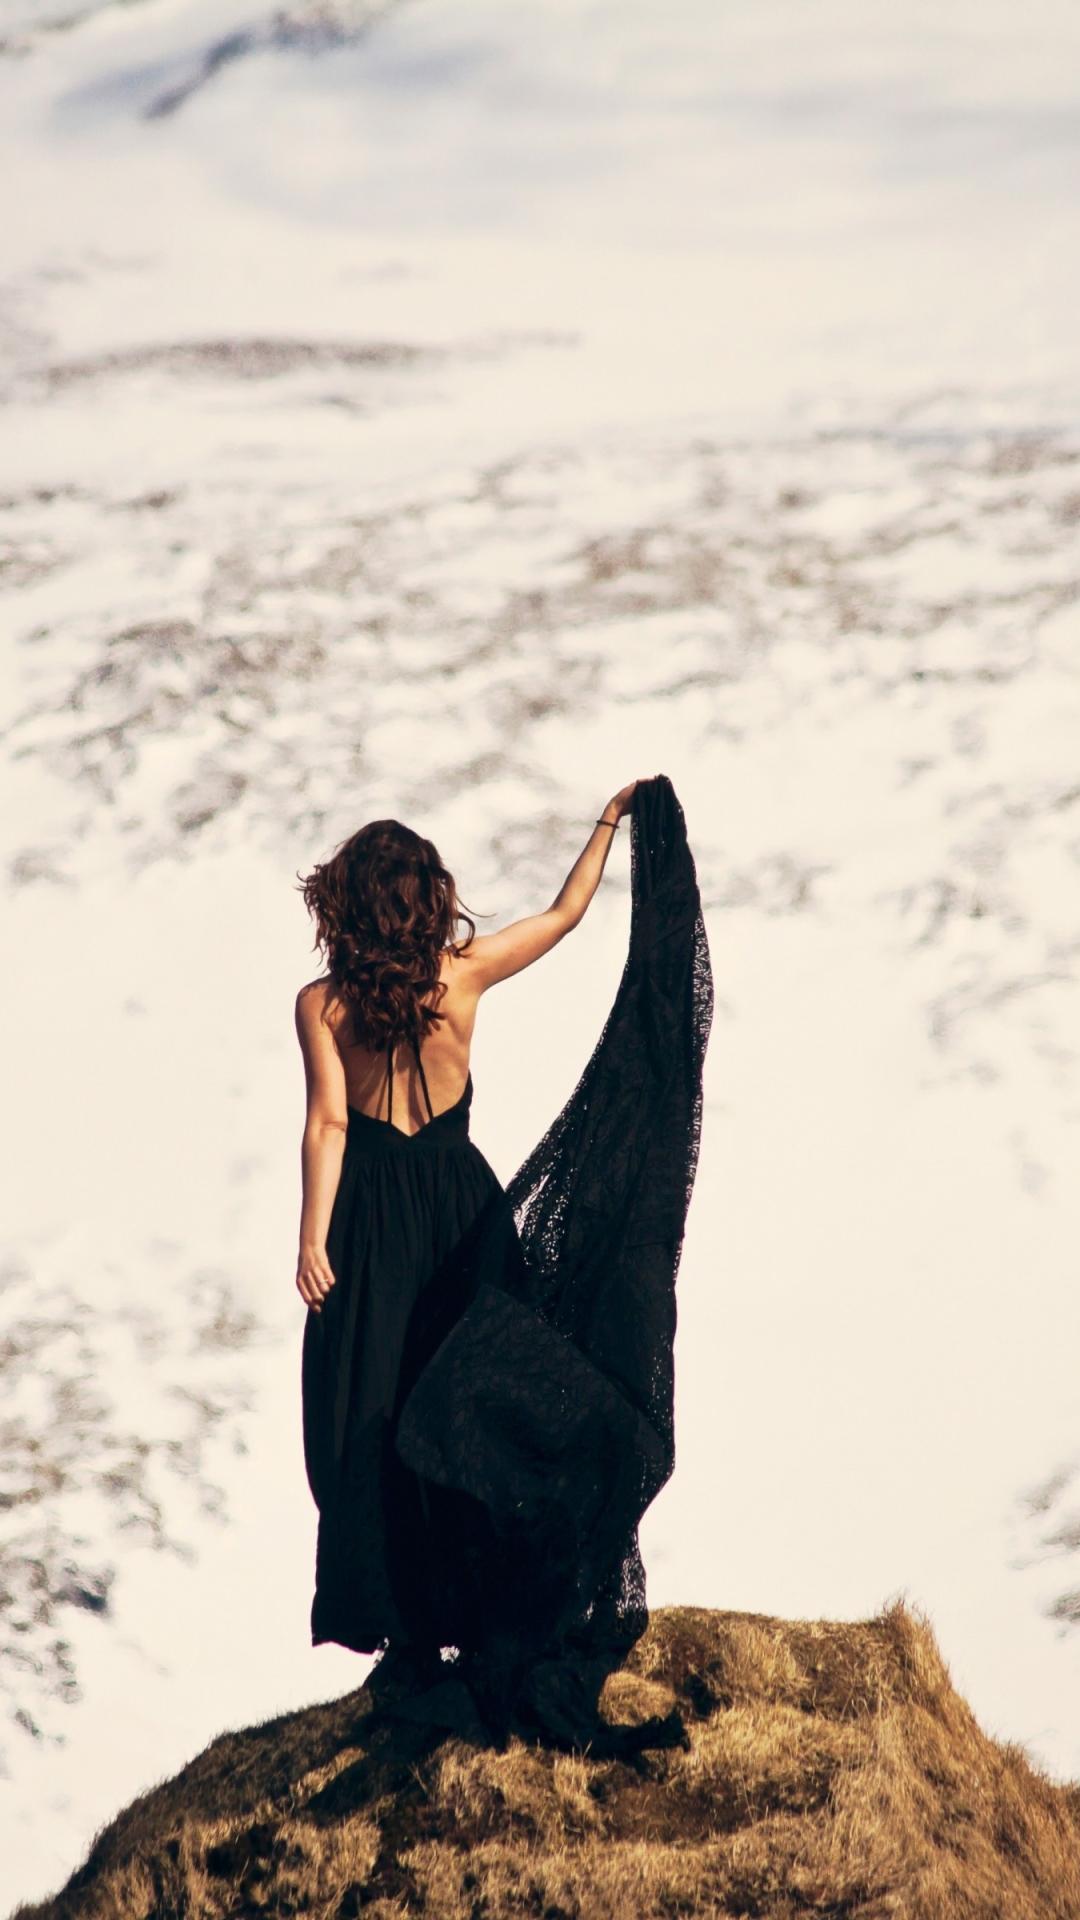 背影 黑长裙 美女 云端 苹果手机高清壁纸 1080x1920